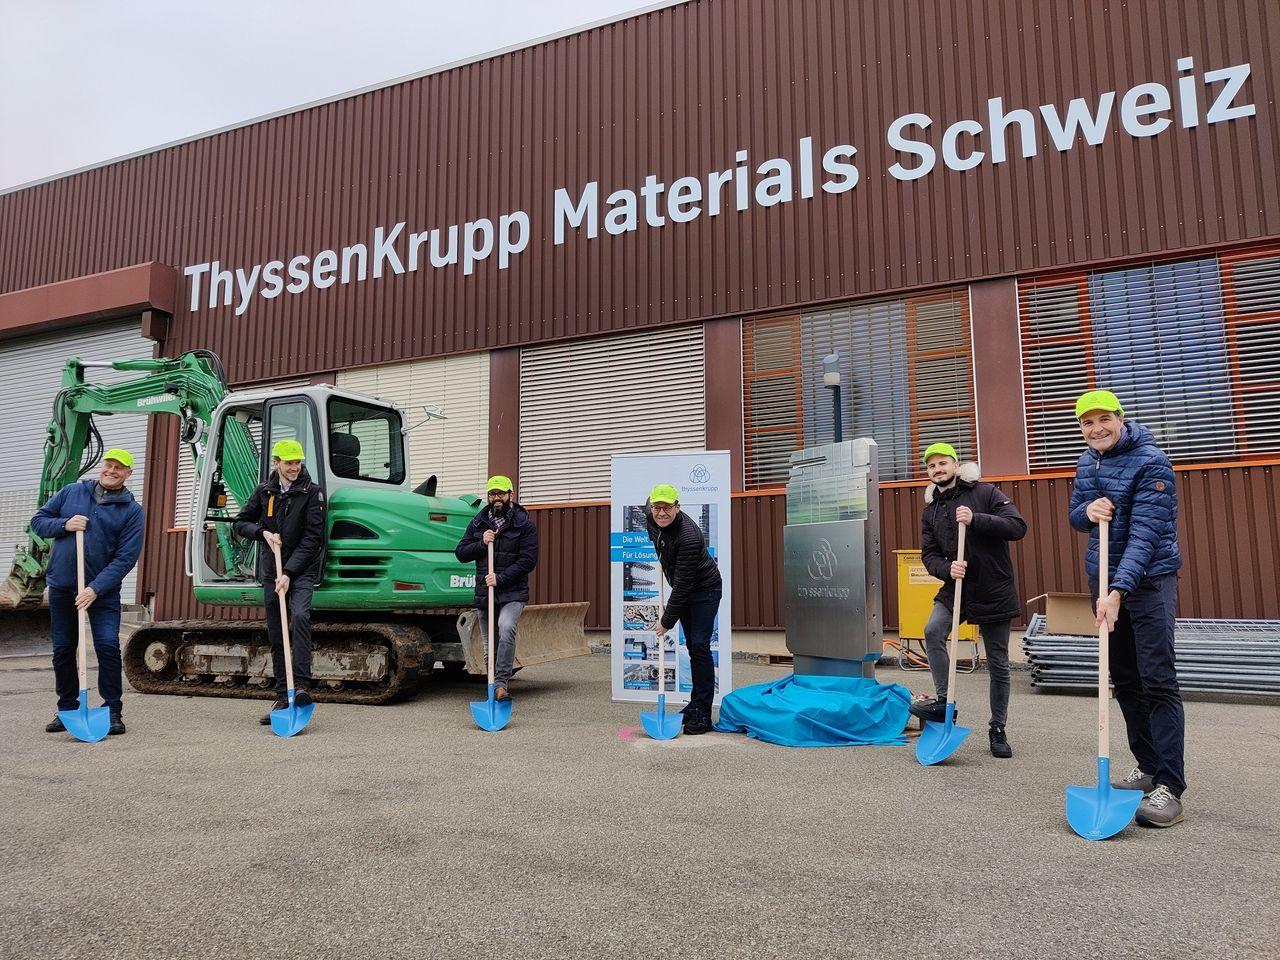 Spatenstich, Produktionshalle prodrill, tieflochbohren, flachschleifen, supply chain services, materials as a service